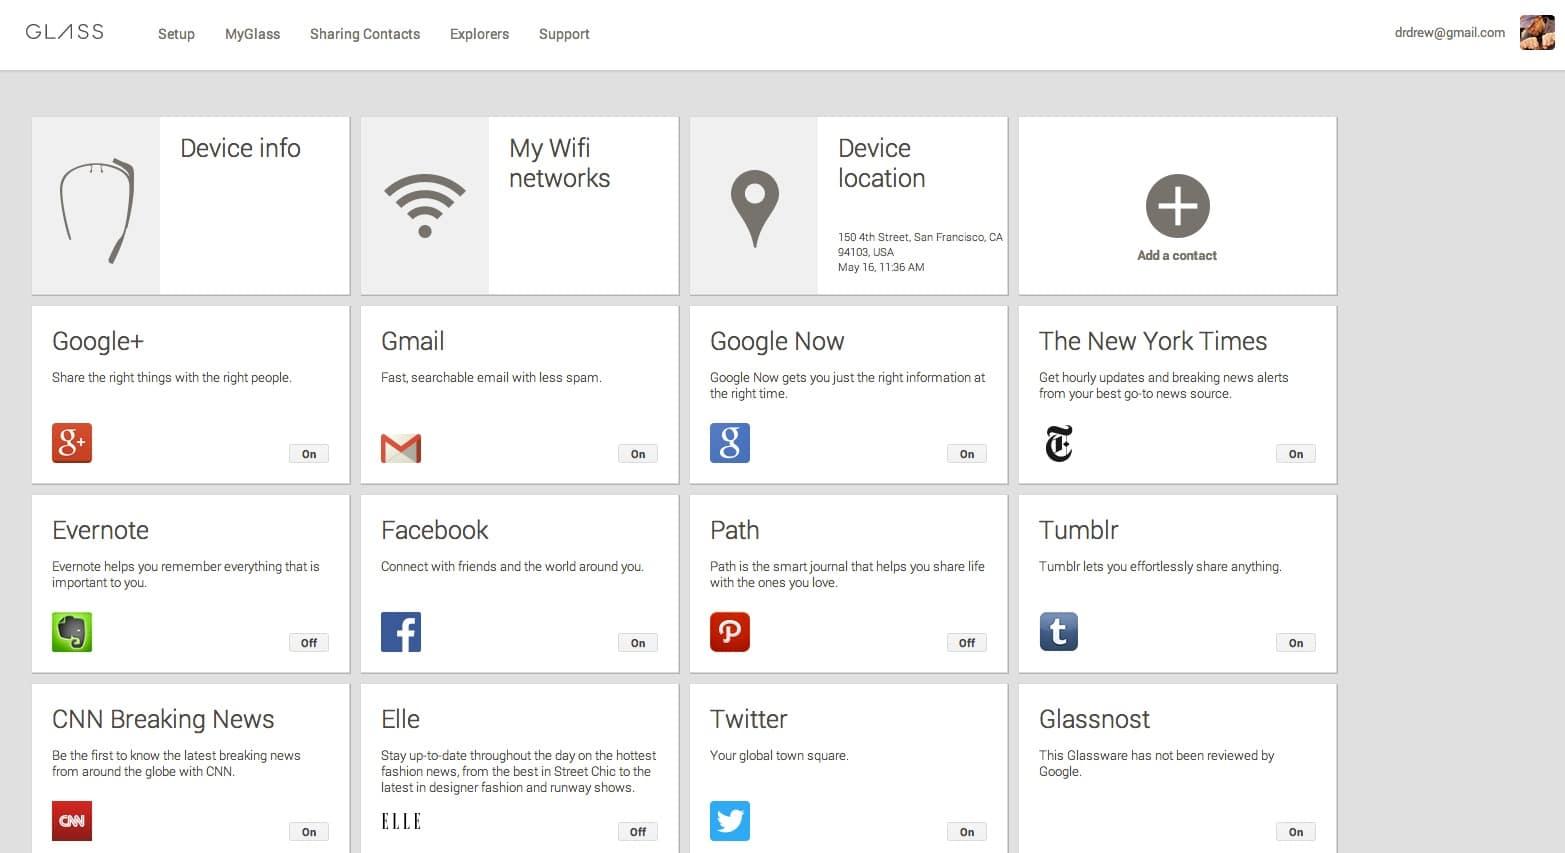 premieres applications pour google glass